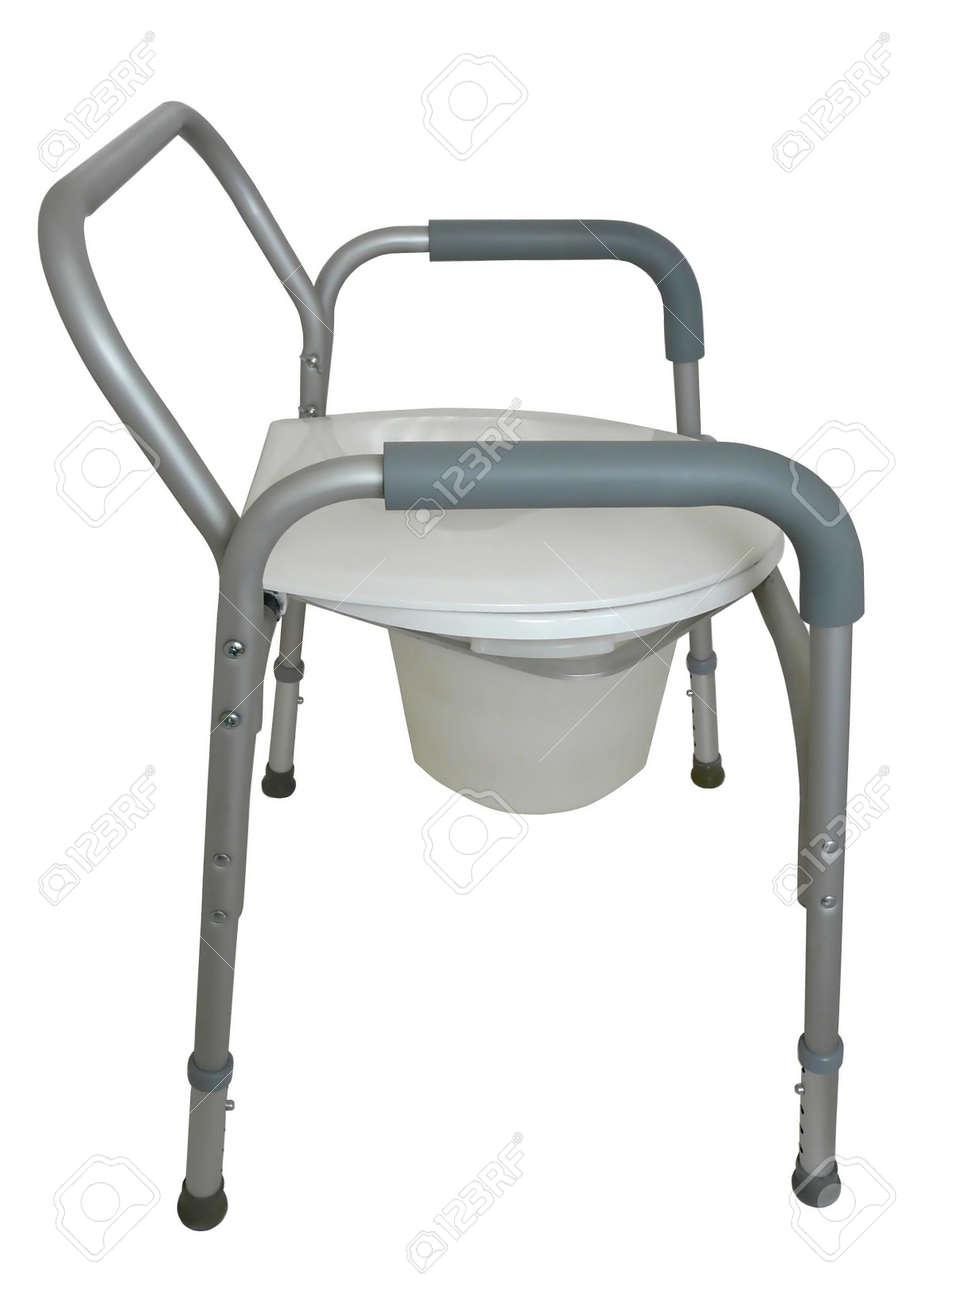 Chaise Perce Pour Tre Utilis Comme Un Sige De Toilette Surlev